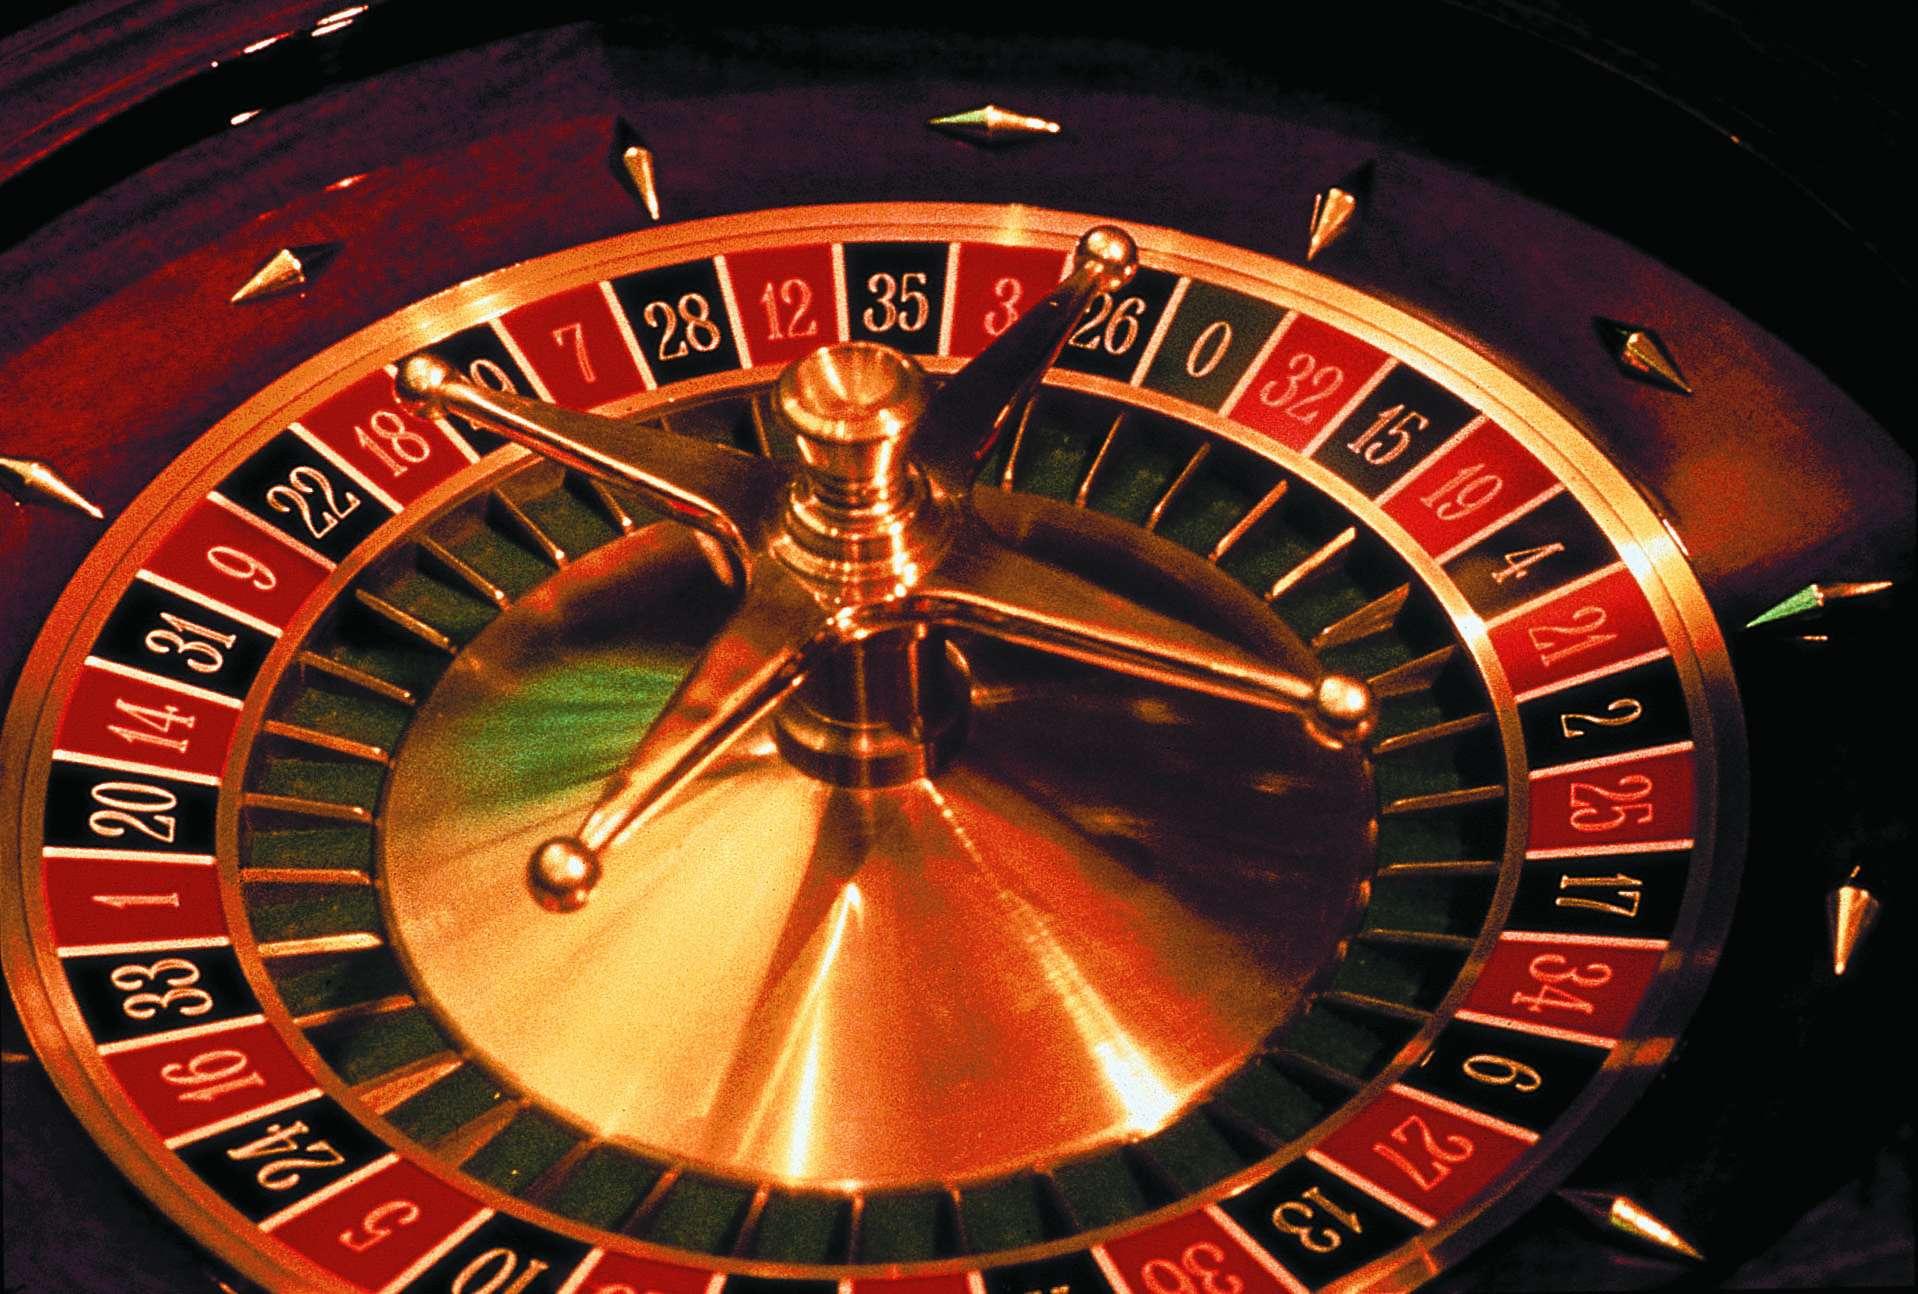 Jeux casino, bienvenue à la réalité virtuelle